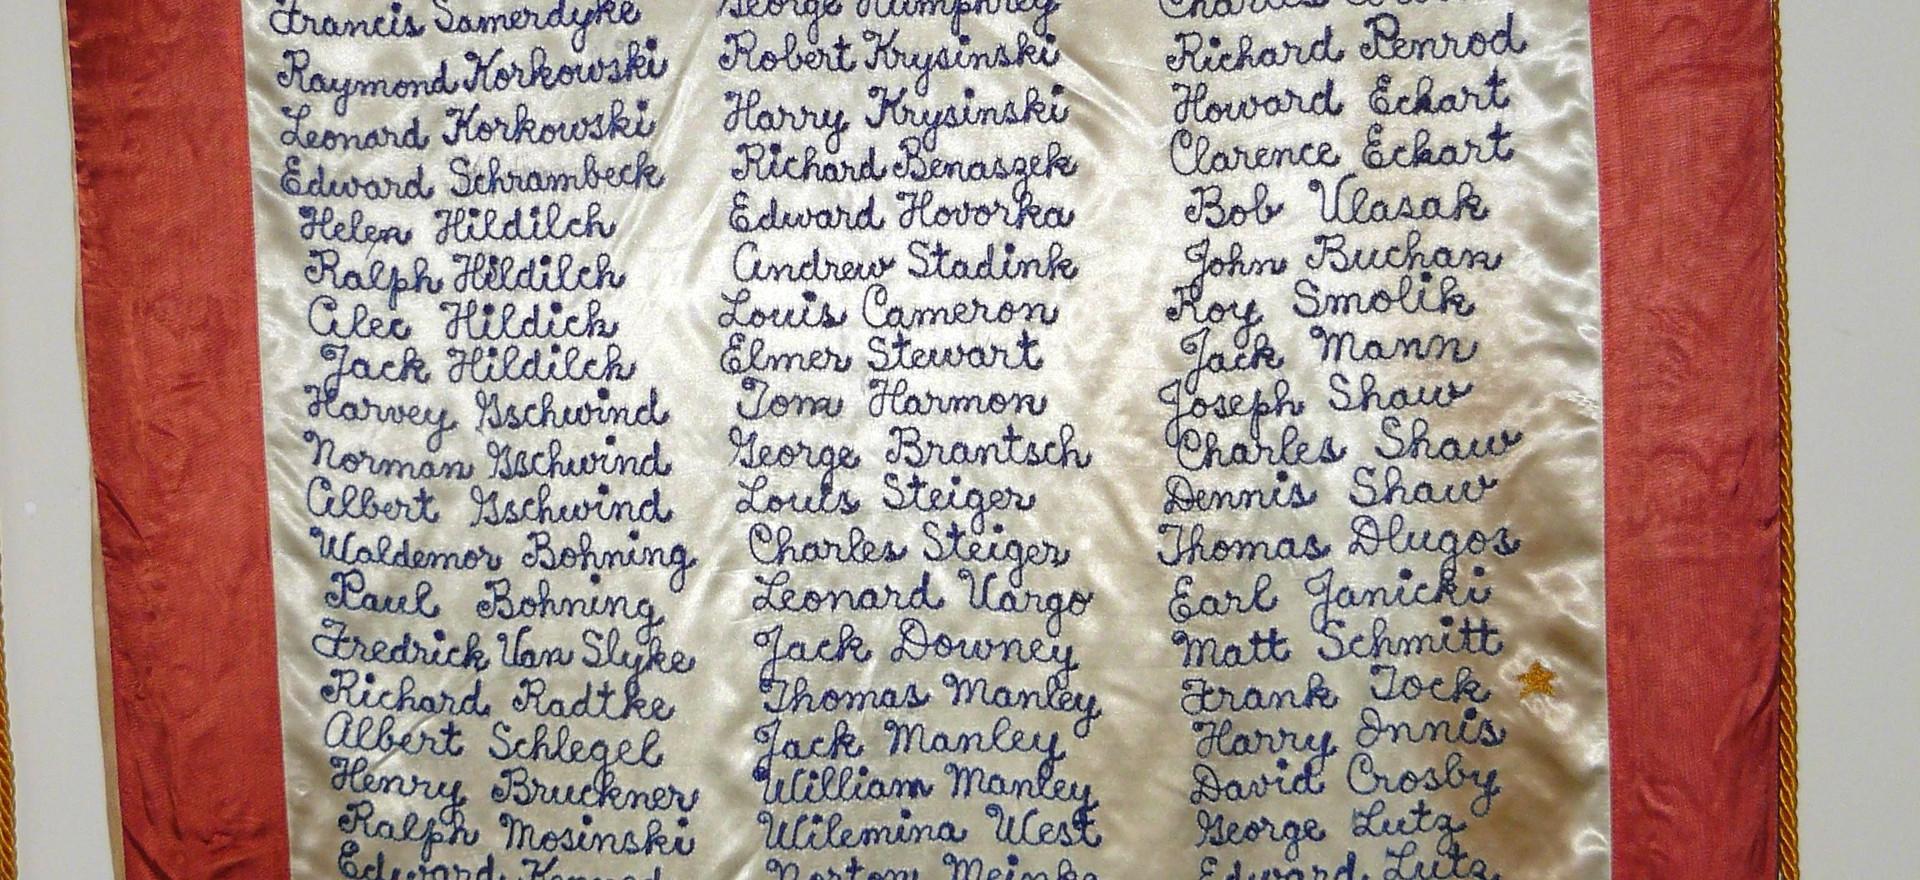 Blue Star Mothers Banner 2.jpg